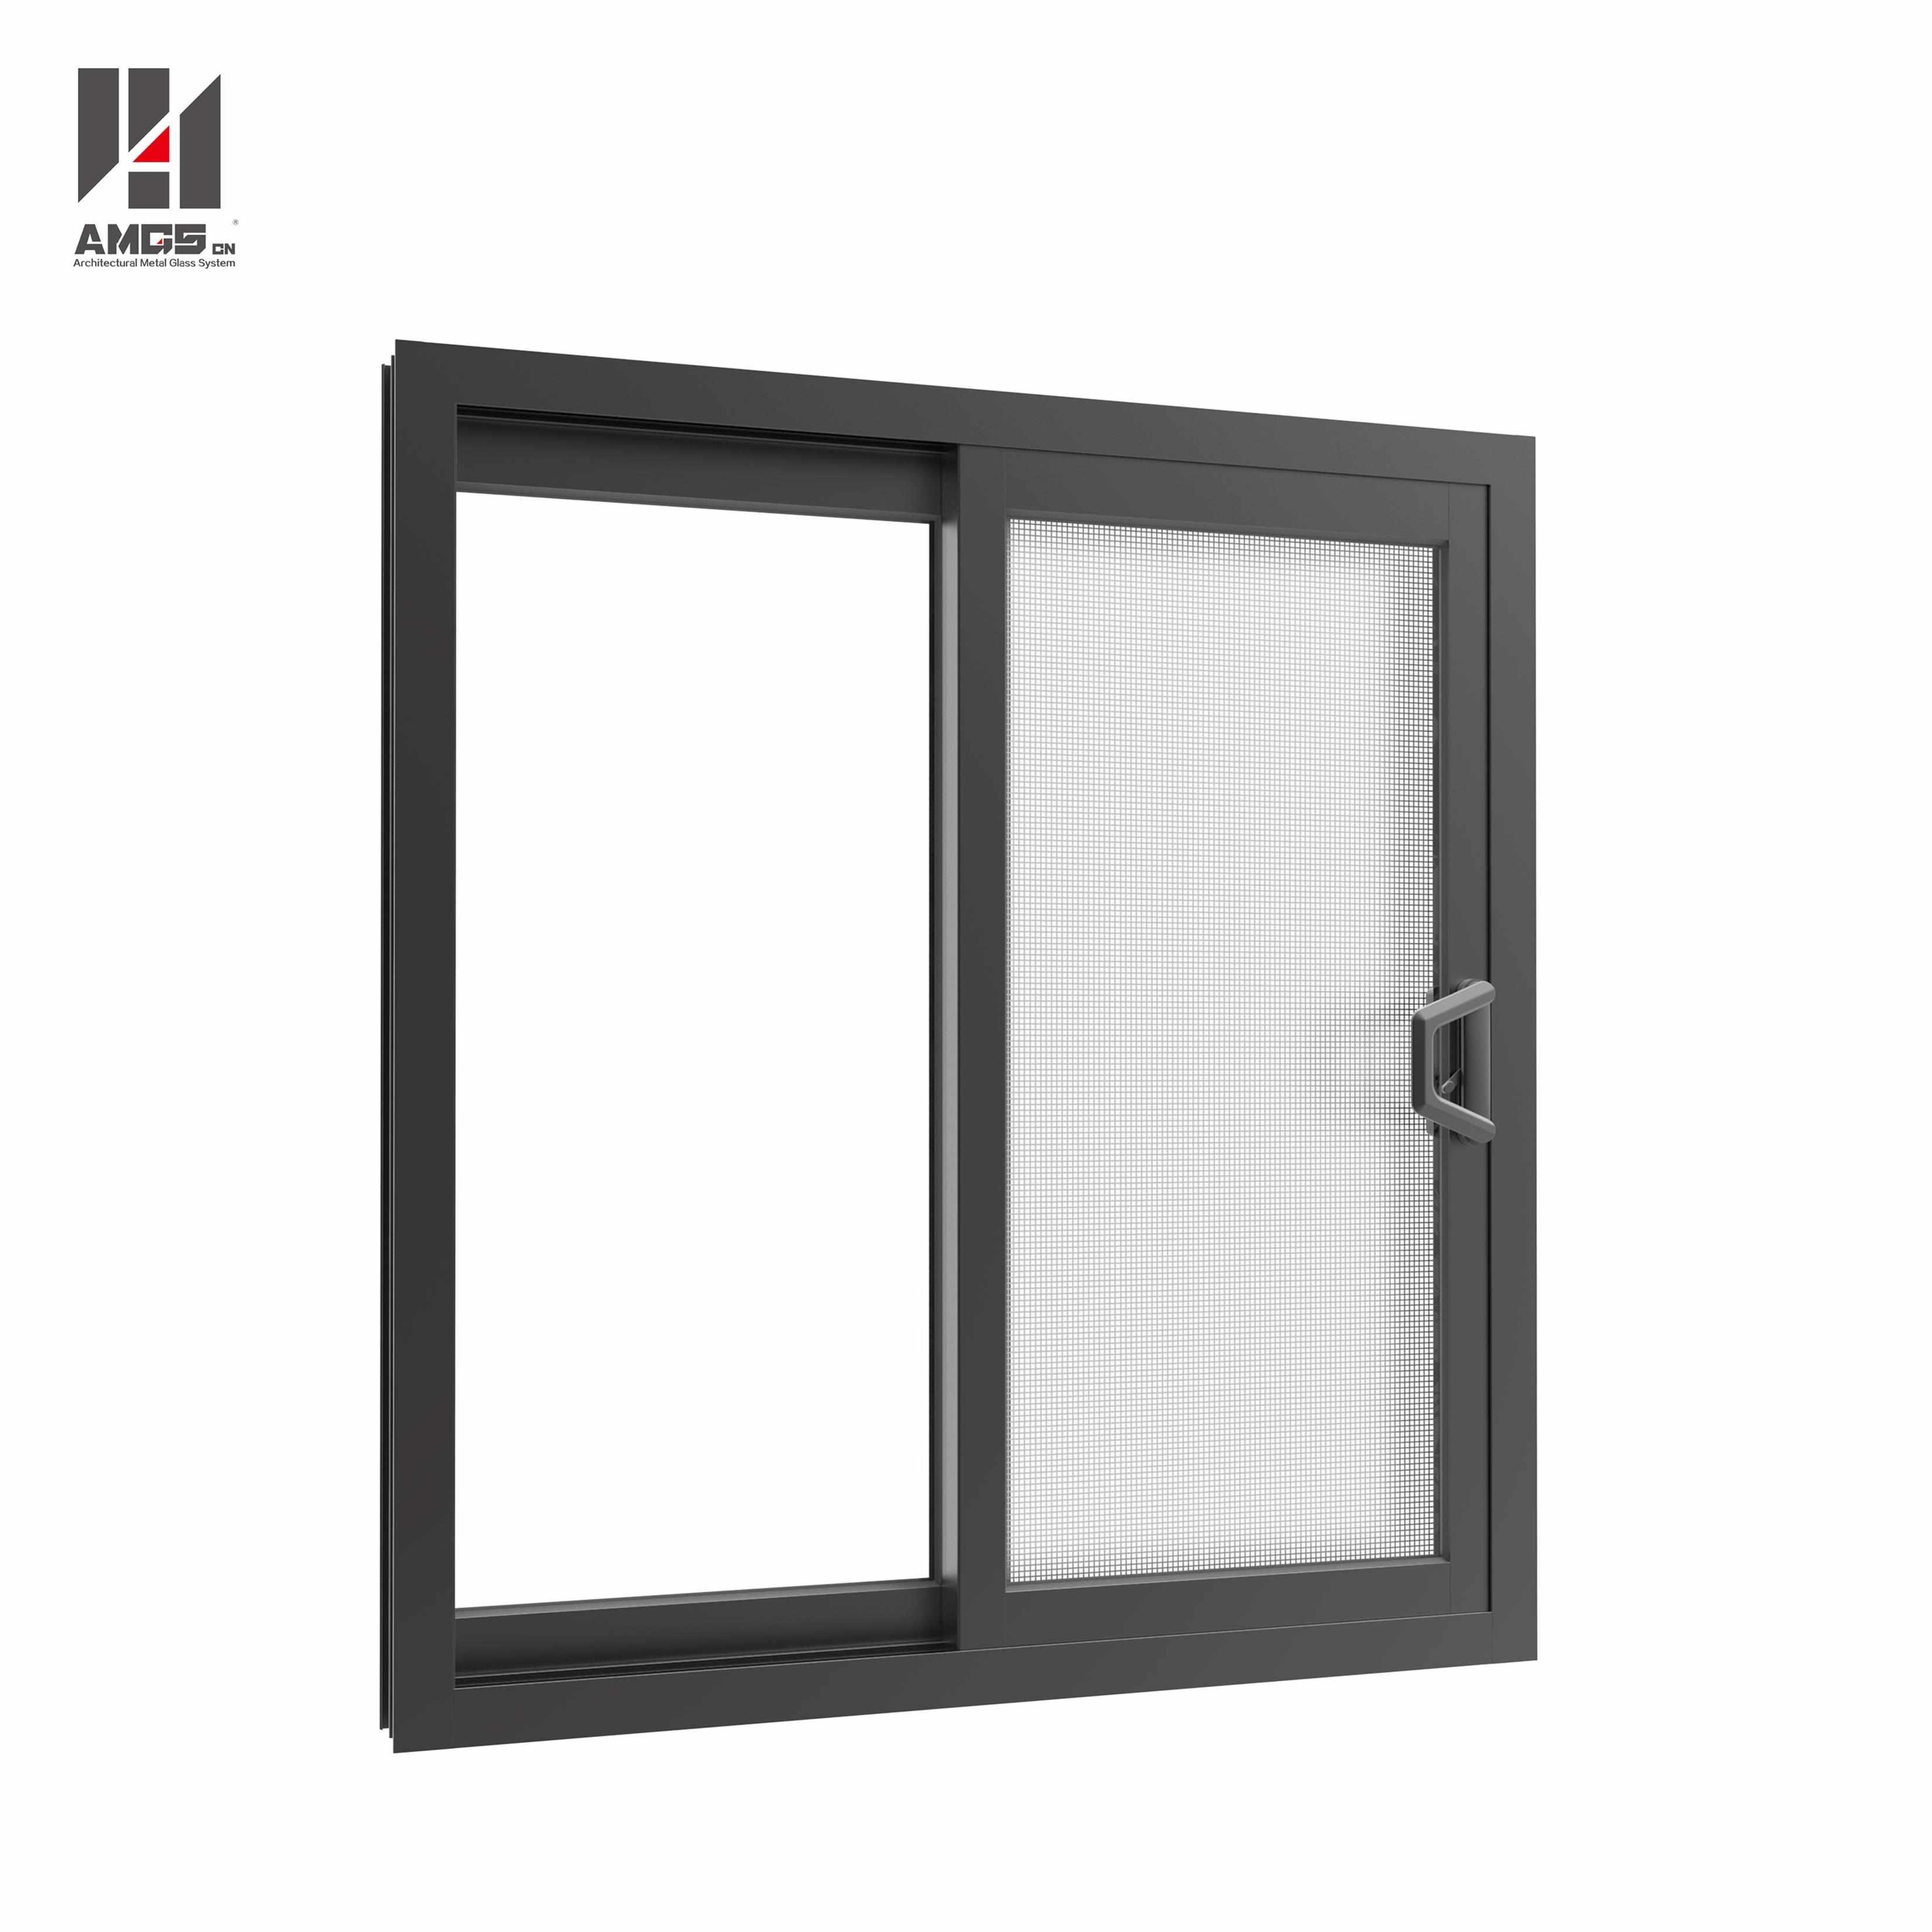 AMGS Australia Style Aluminium Sliding Window With Double Glazing Aluminum Sliding Windows image9